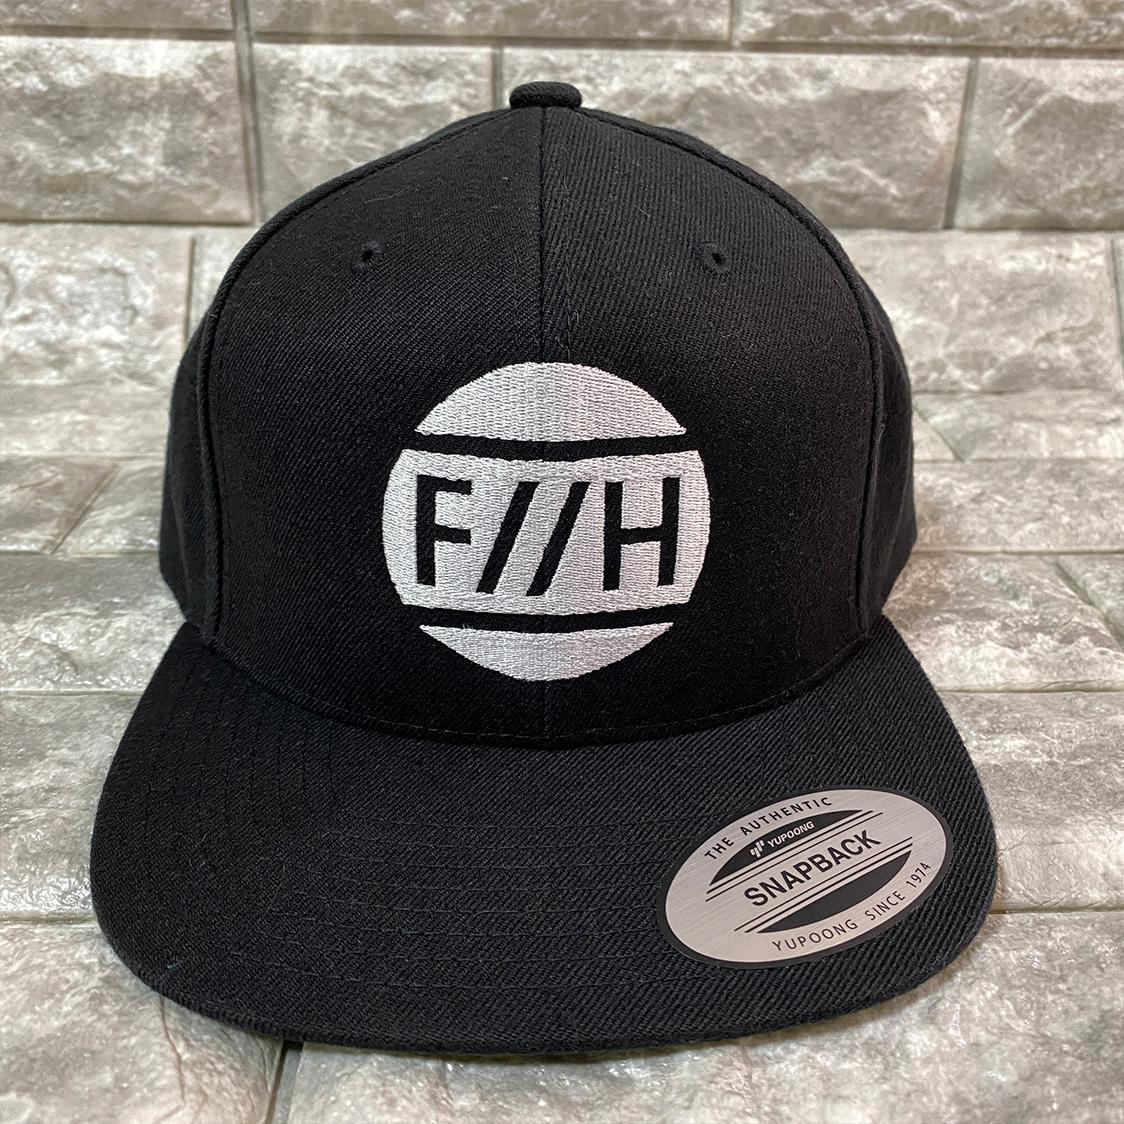 新品 八王子リホーム F//H ロゴ ロー キャップ 帽子 ブラック / リフォーム ヒロミ ジェシー SixTONE